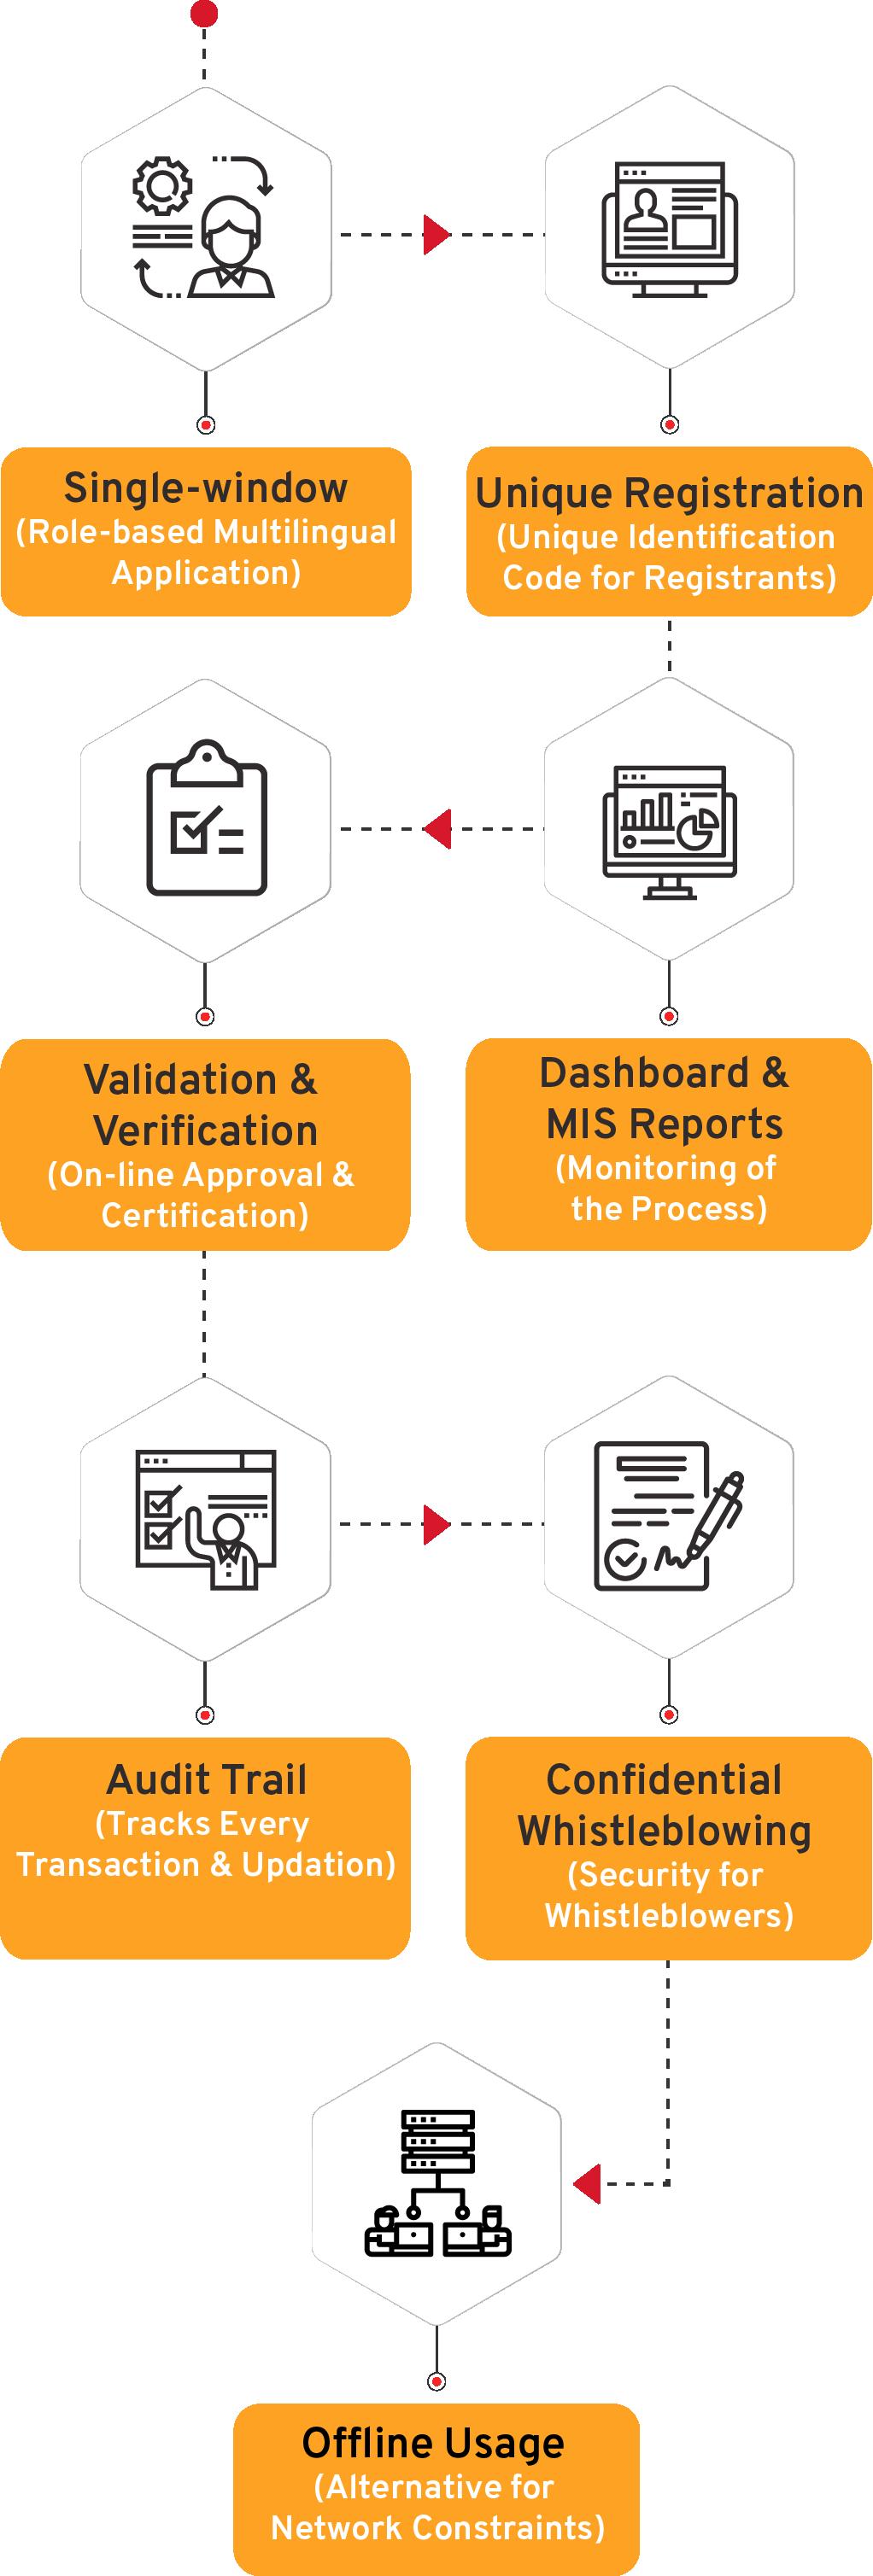 Asset Registration System Flow Diagram - CSM Technologies